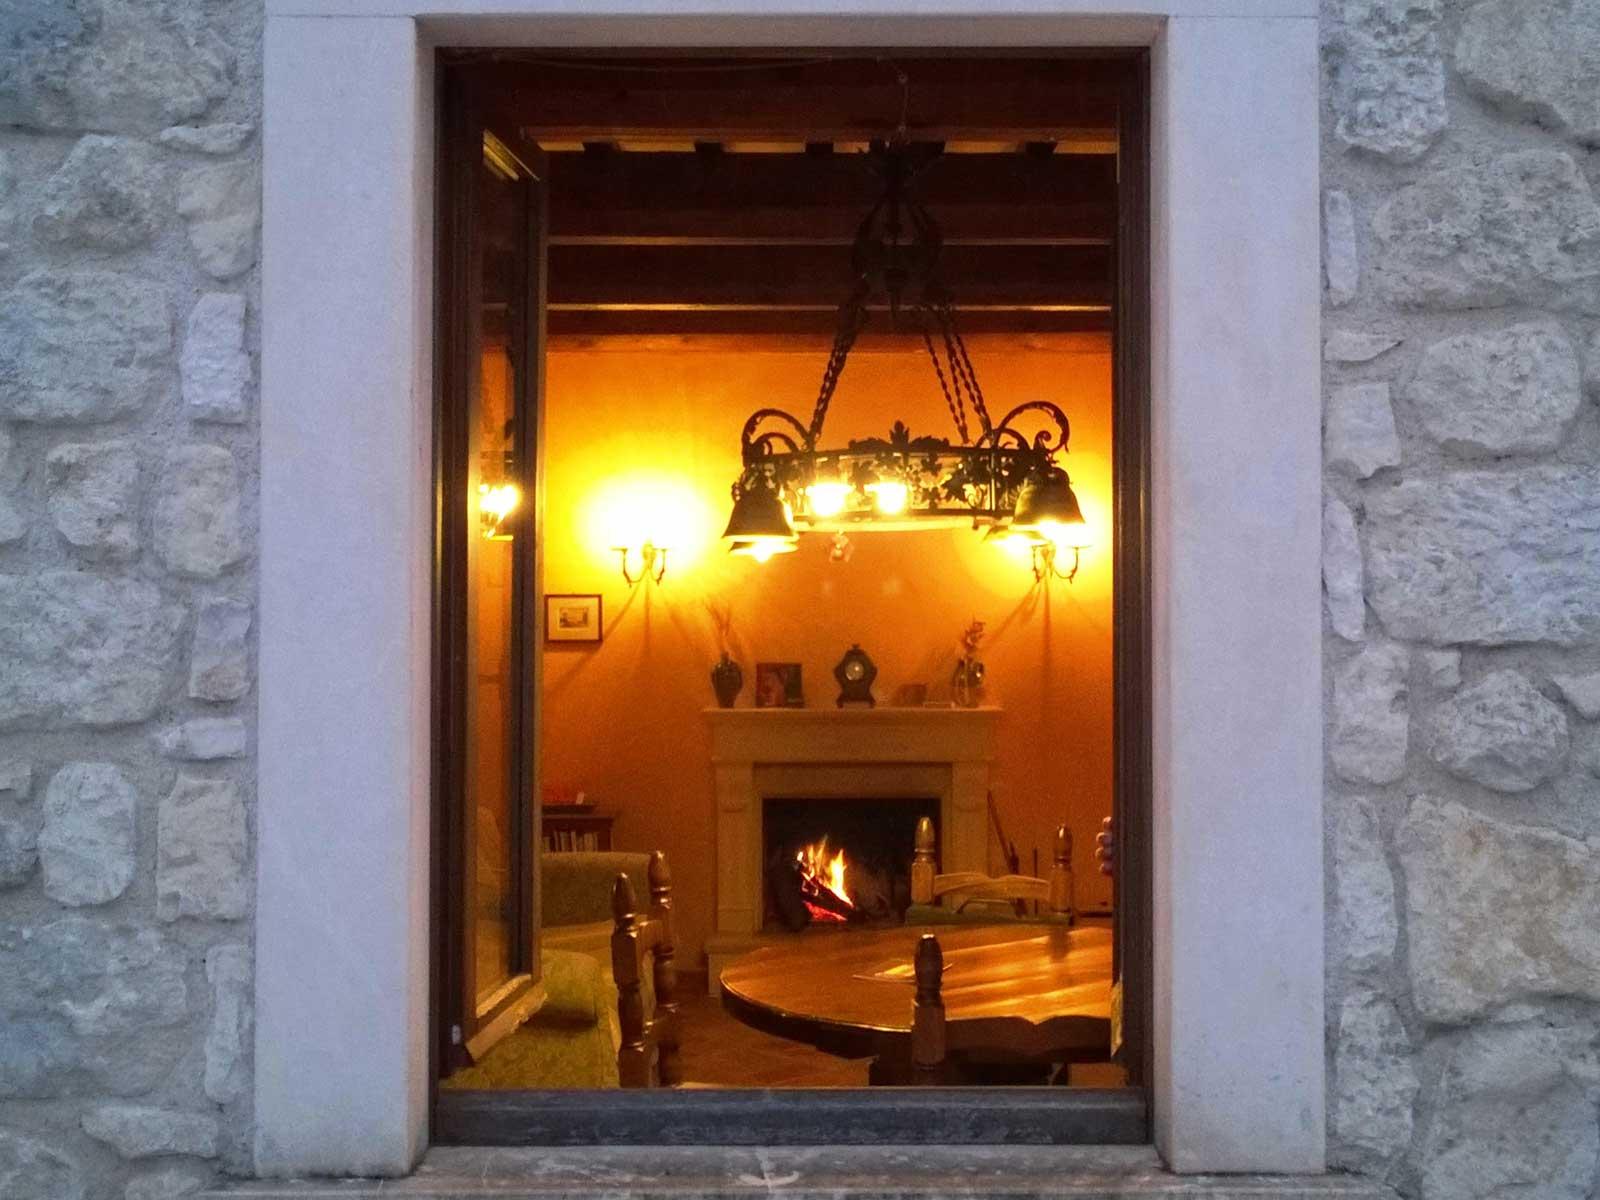 Casolare Casolare in vendita Abbateggio (PE), Casa Selva - Abbateggio - EUR 450.000 130